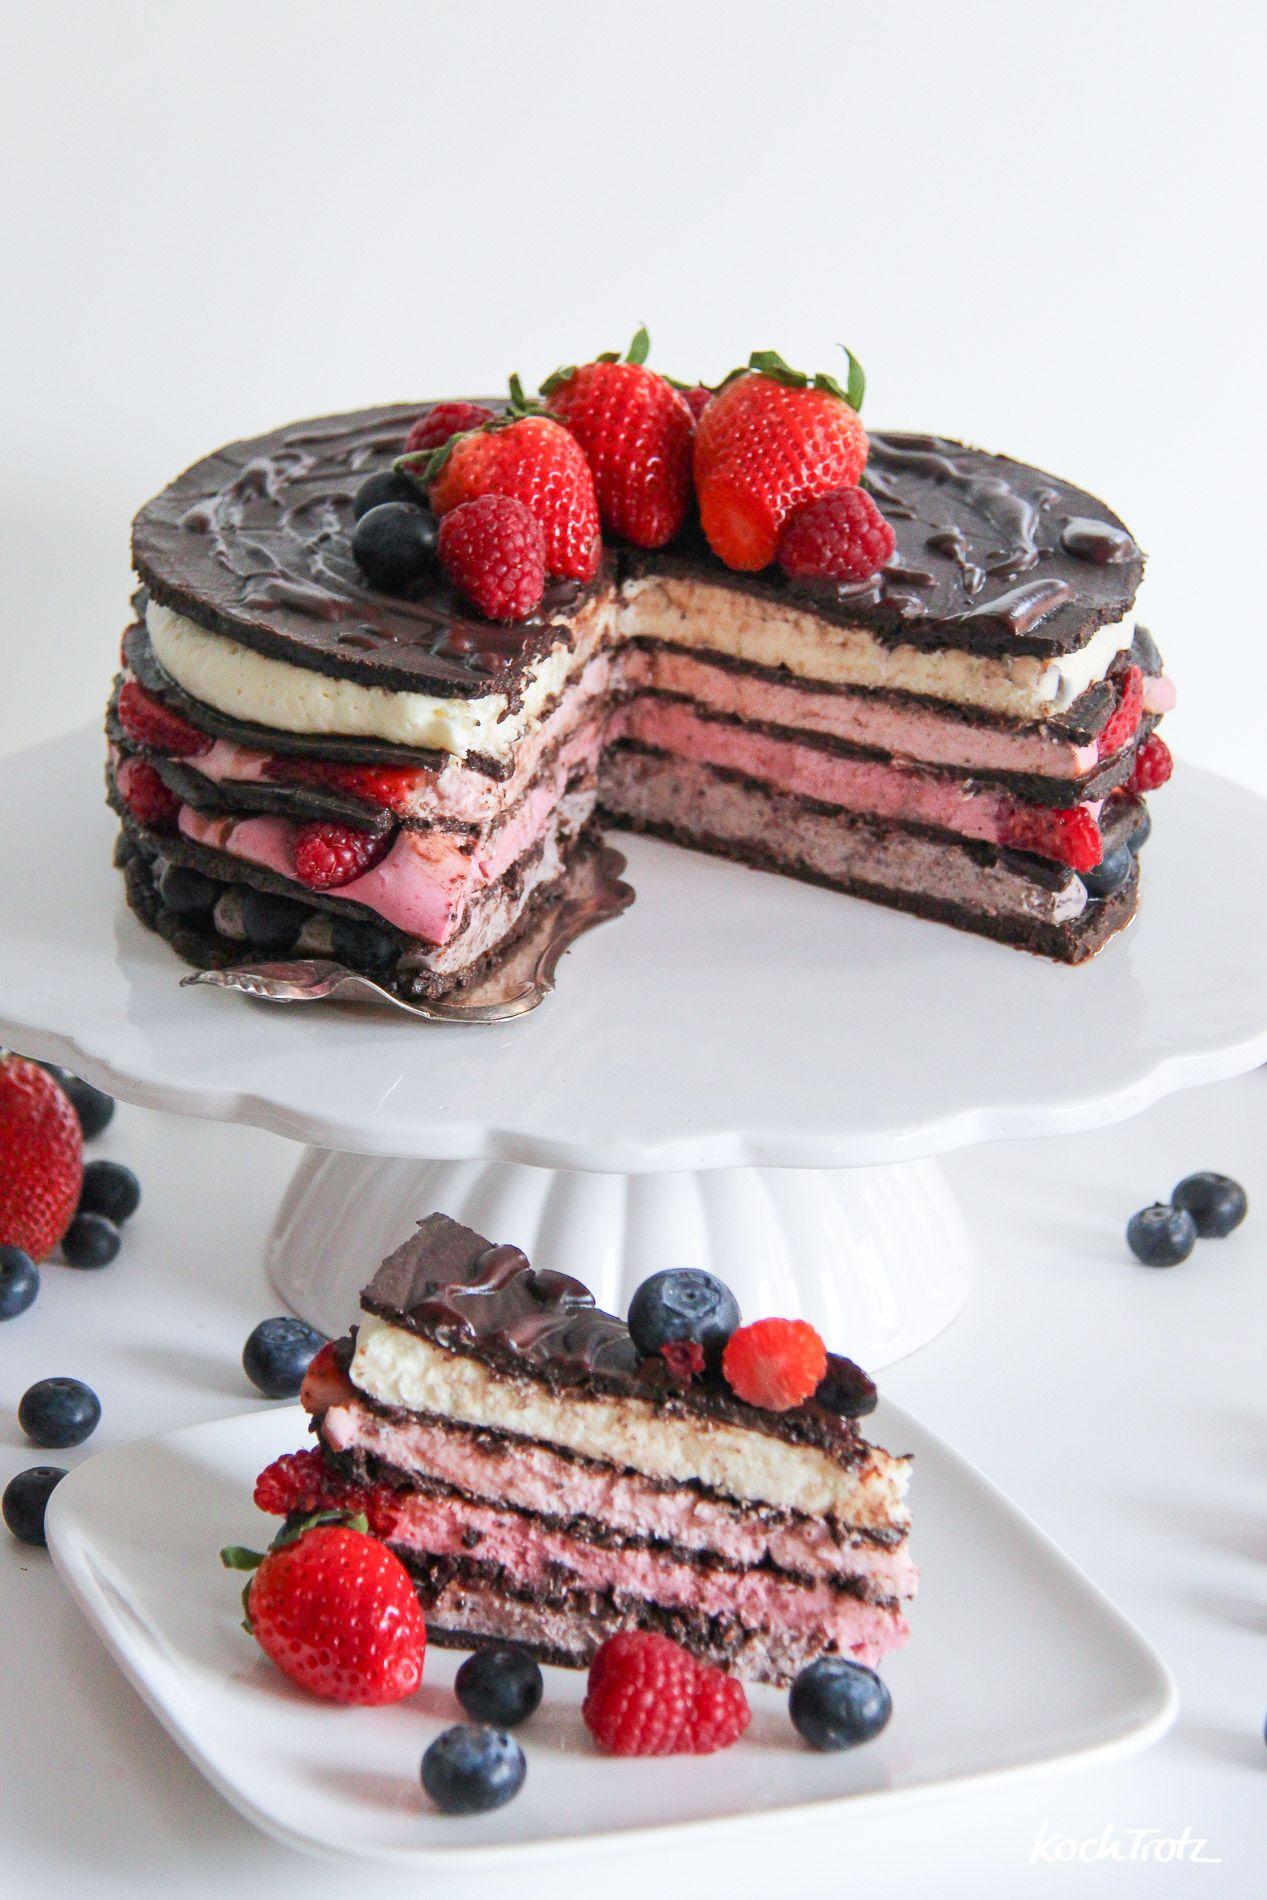 Cremeo Naked Cake - No Bake Cake - eine wunderschöne Torte ohne Backen - glutenfrei, laktosefrei, eifrei {in Koopertion mit 3 PAULY}